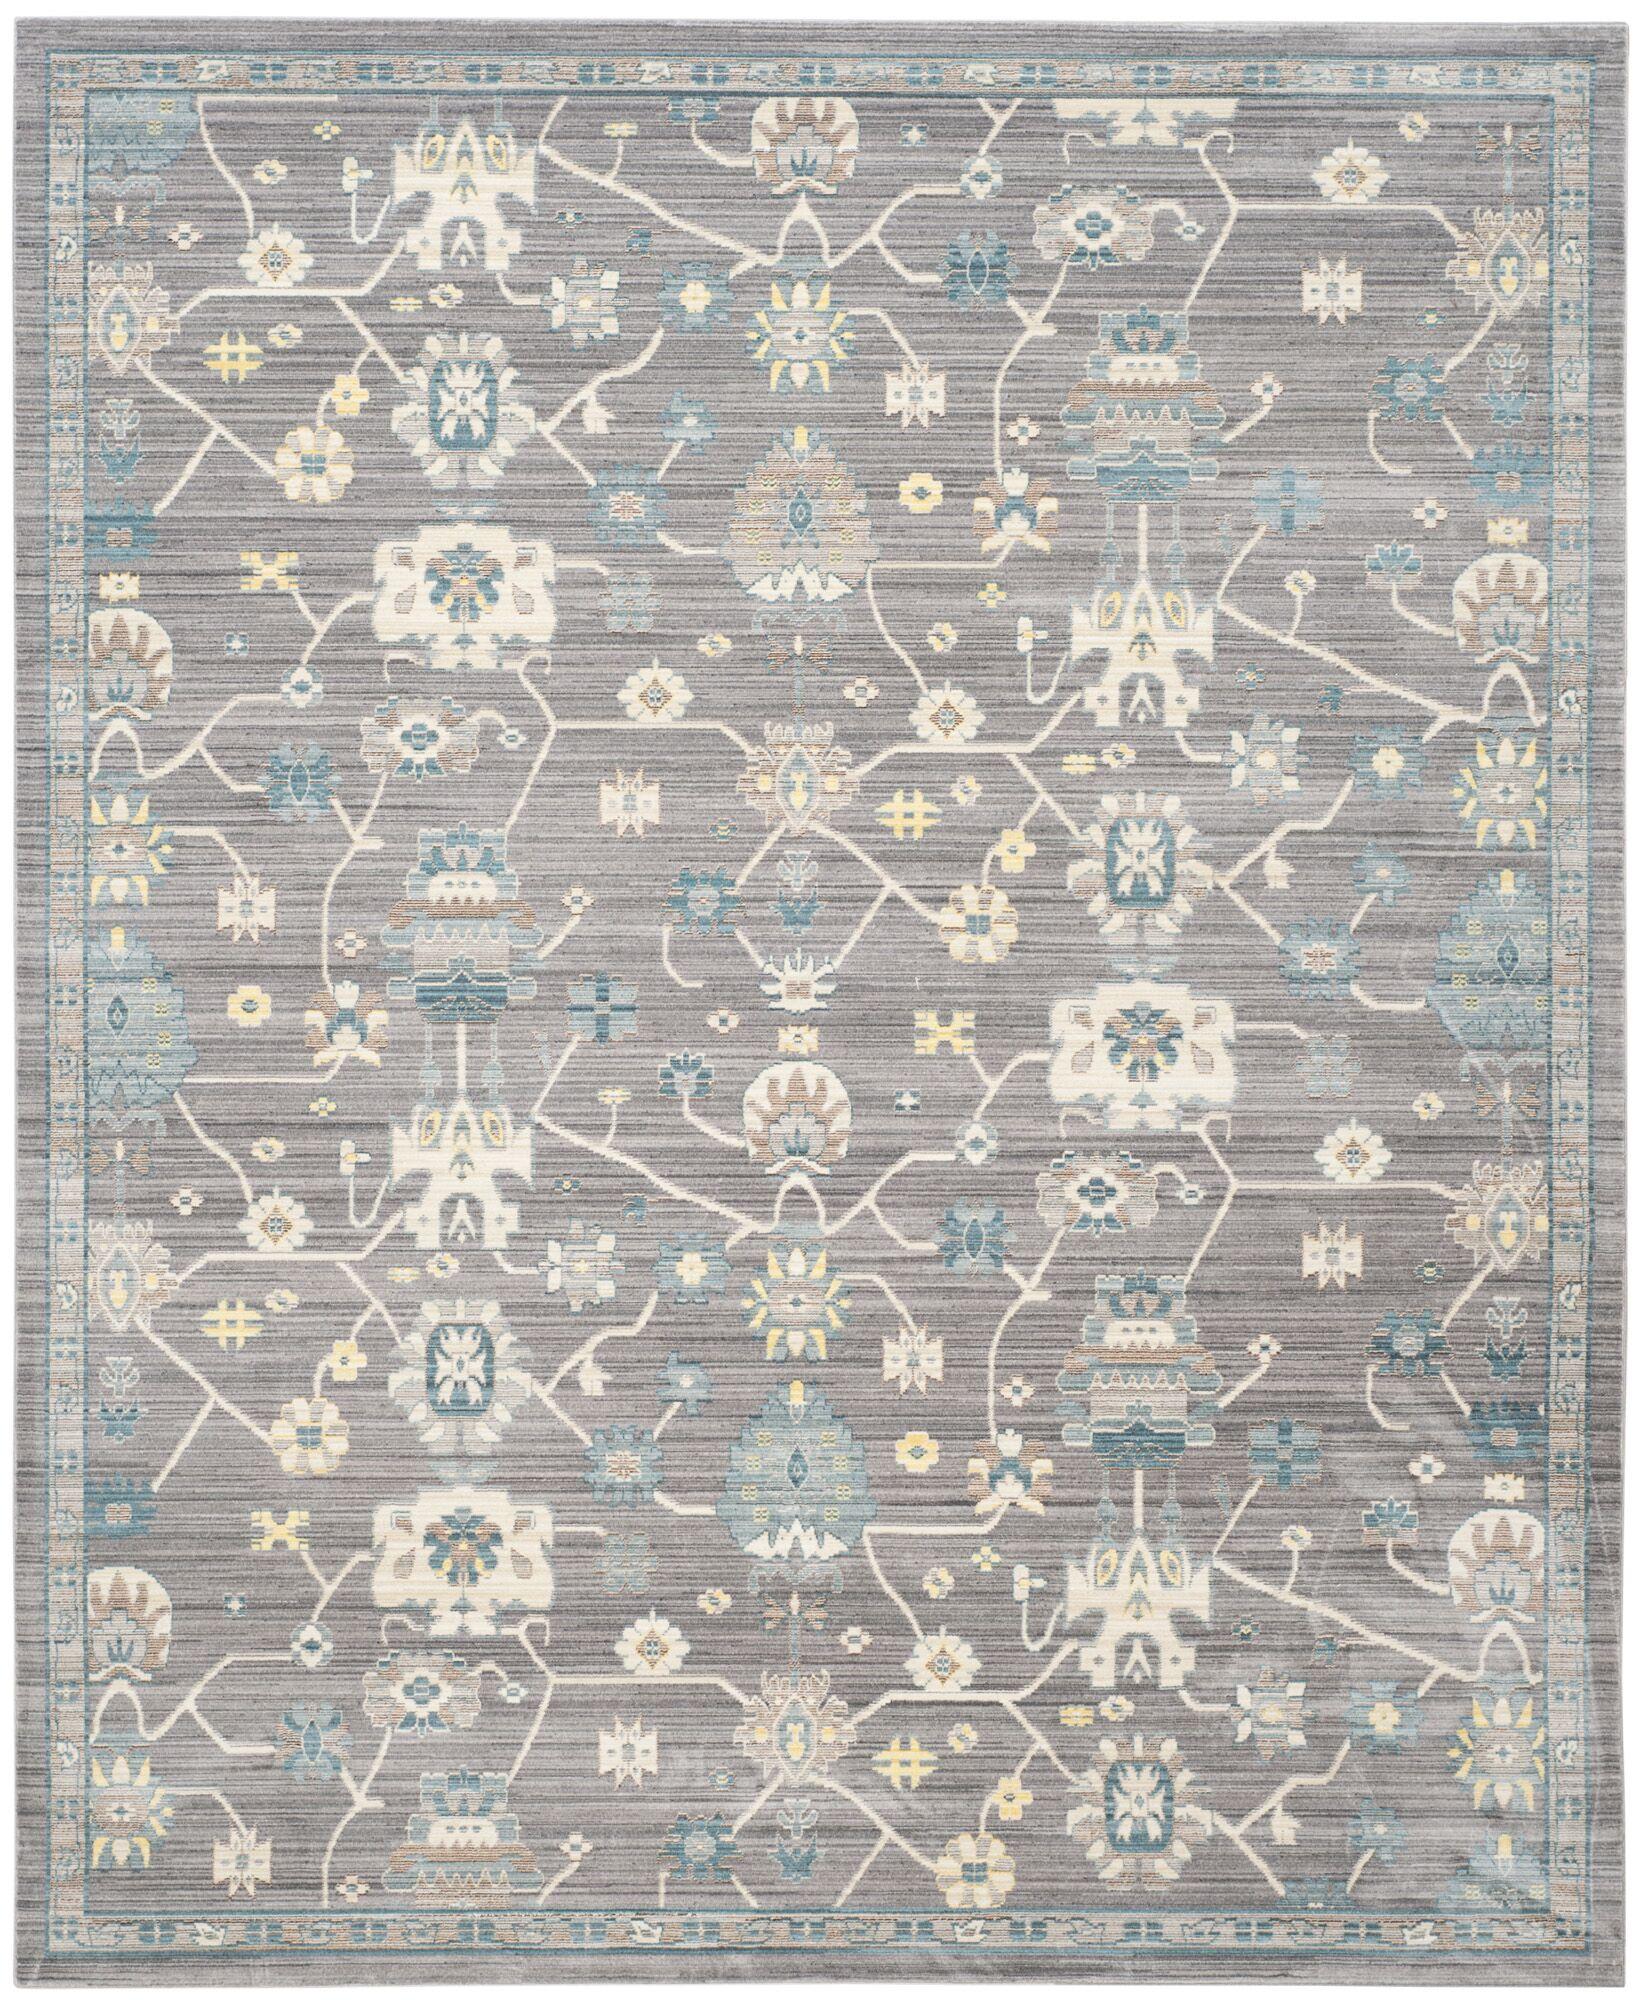 Croghan Gray Area Rug Rug Size: Rectangle 8' x 10'